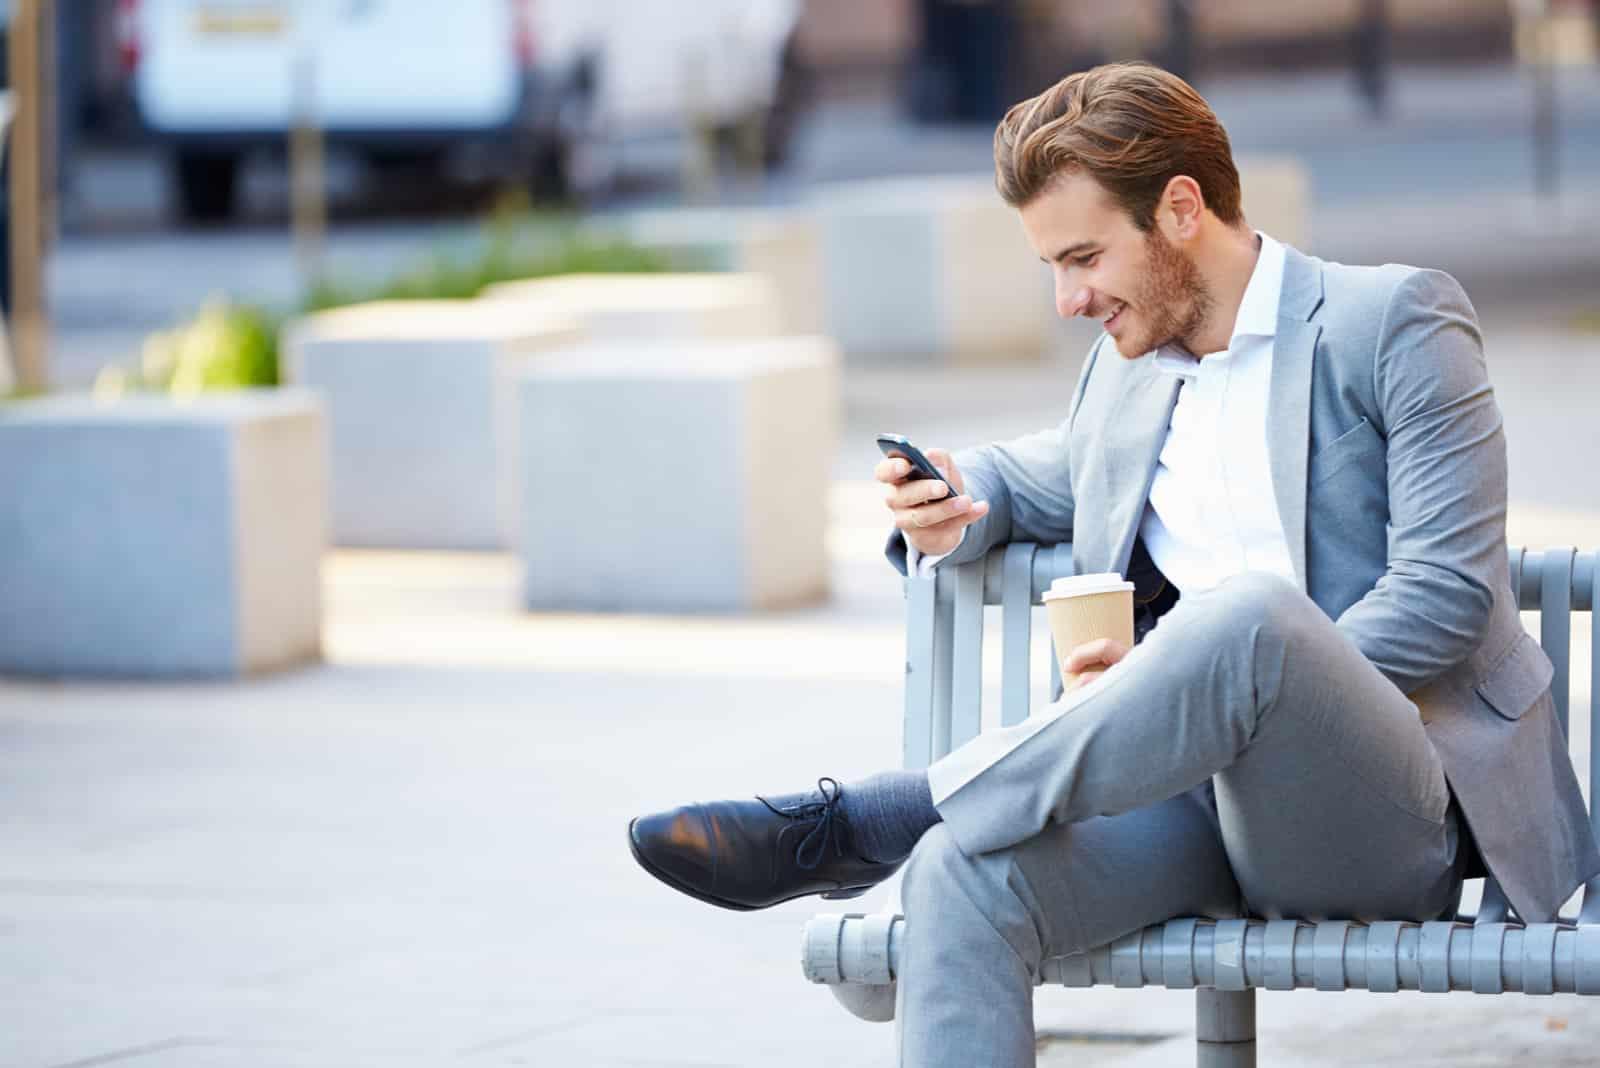 un homme est assis sur un banc et un bouton du téléphone